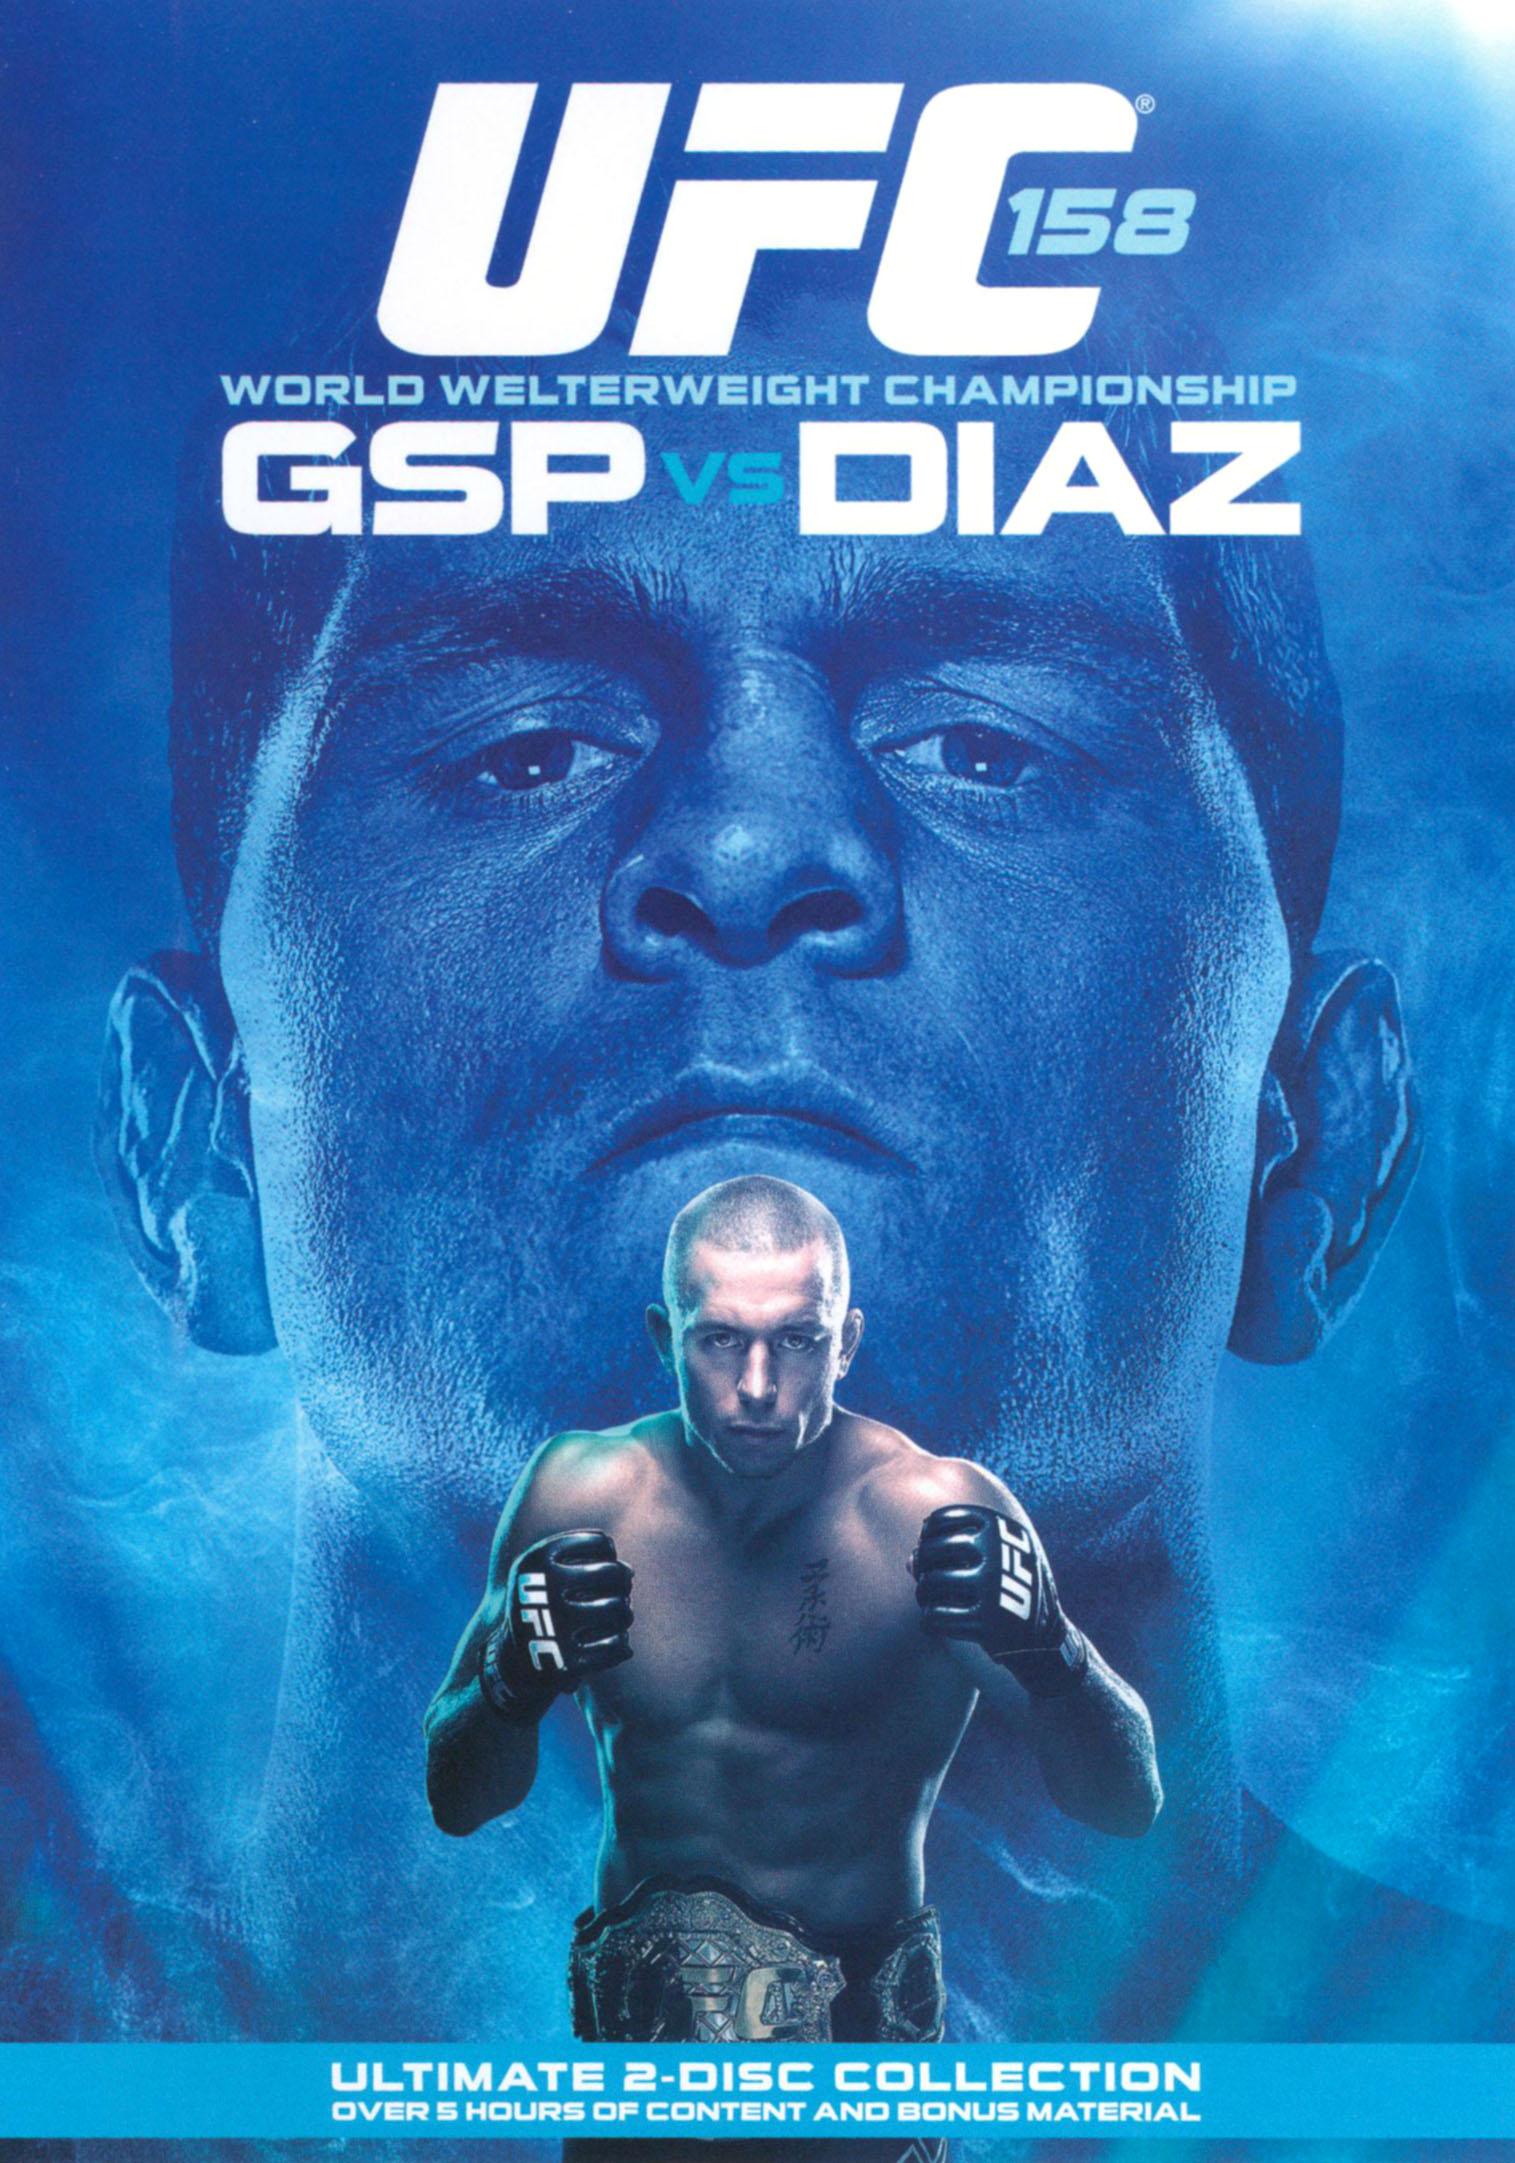 UFC 158: St-Pierre vs. Diaz